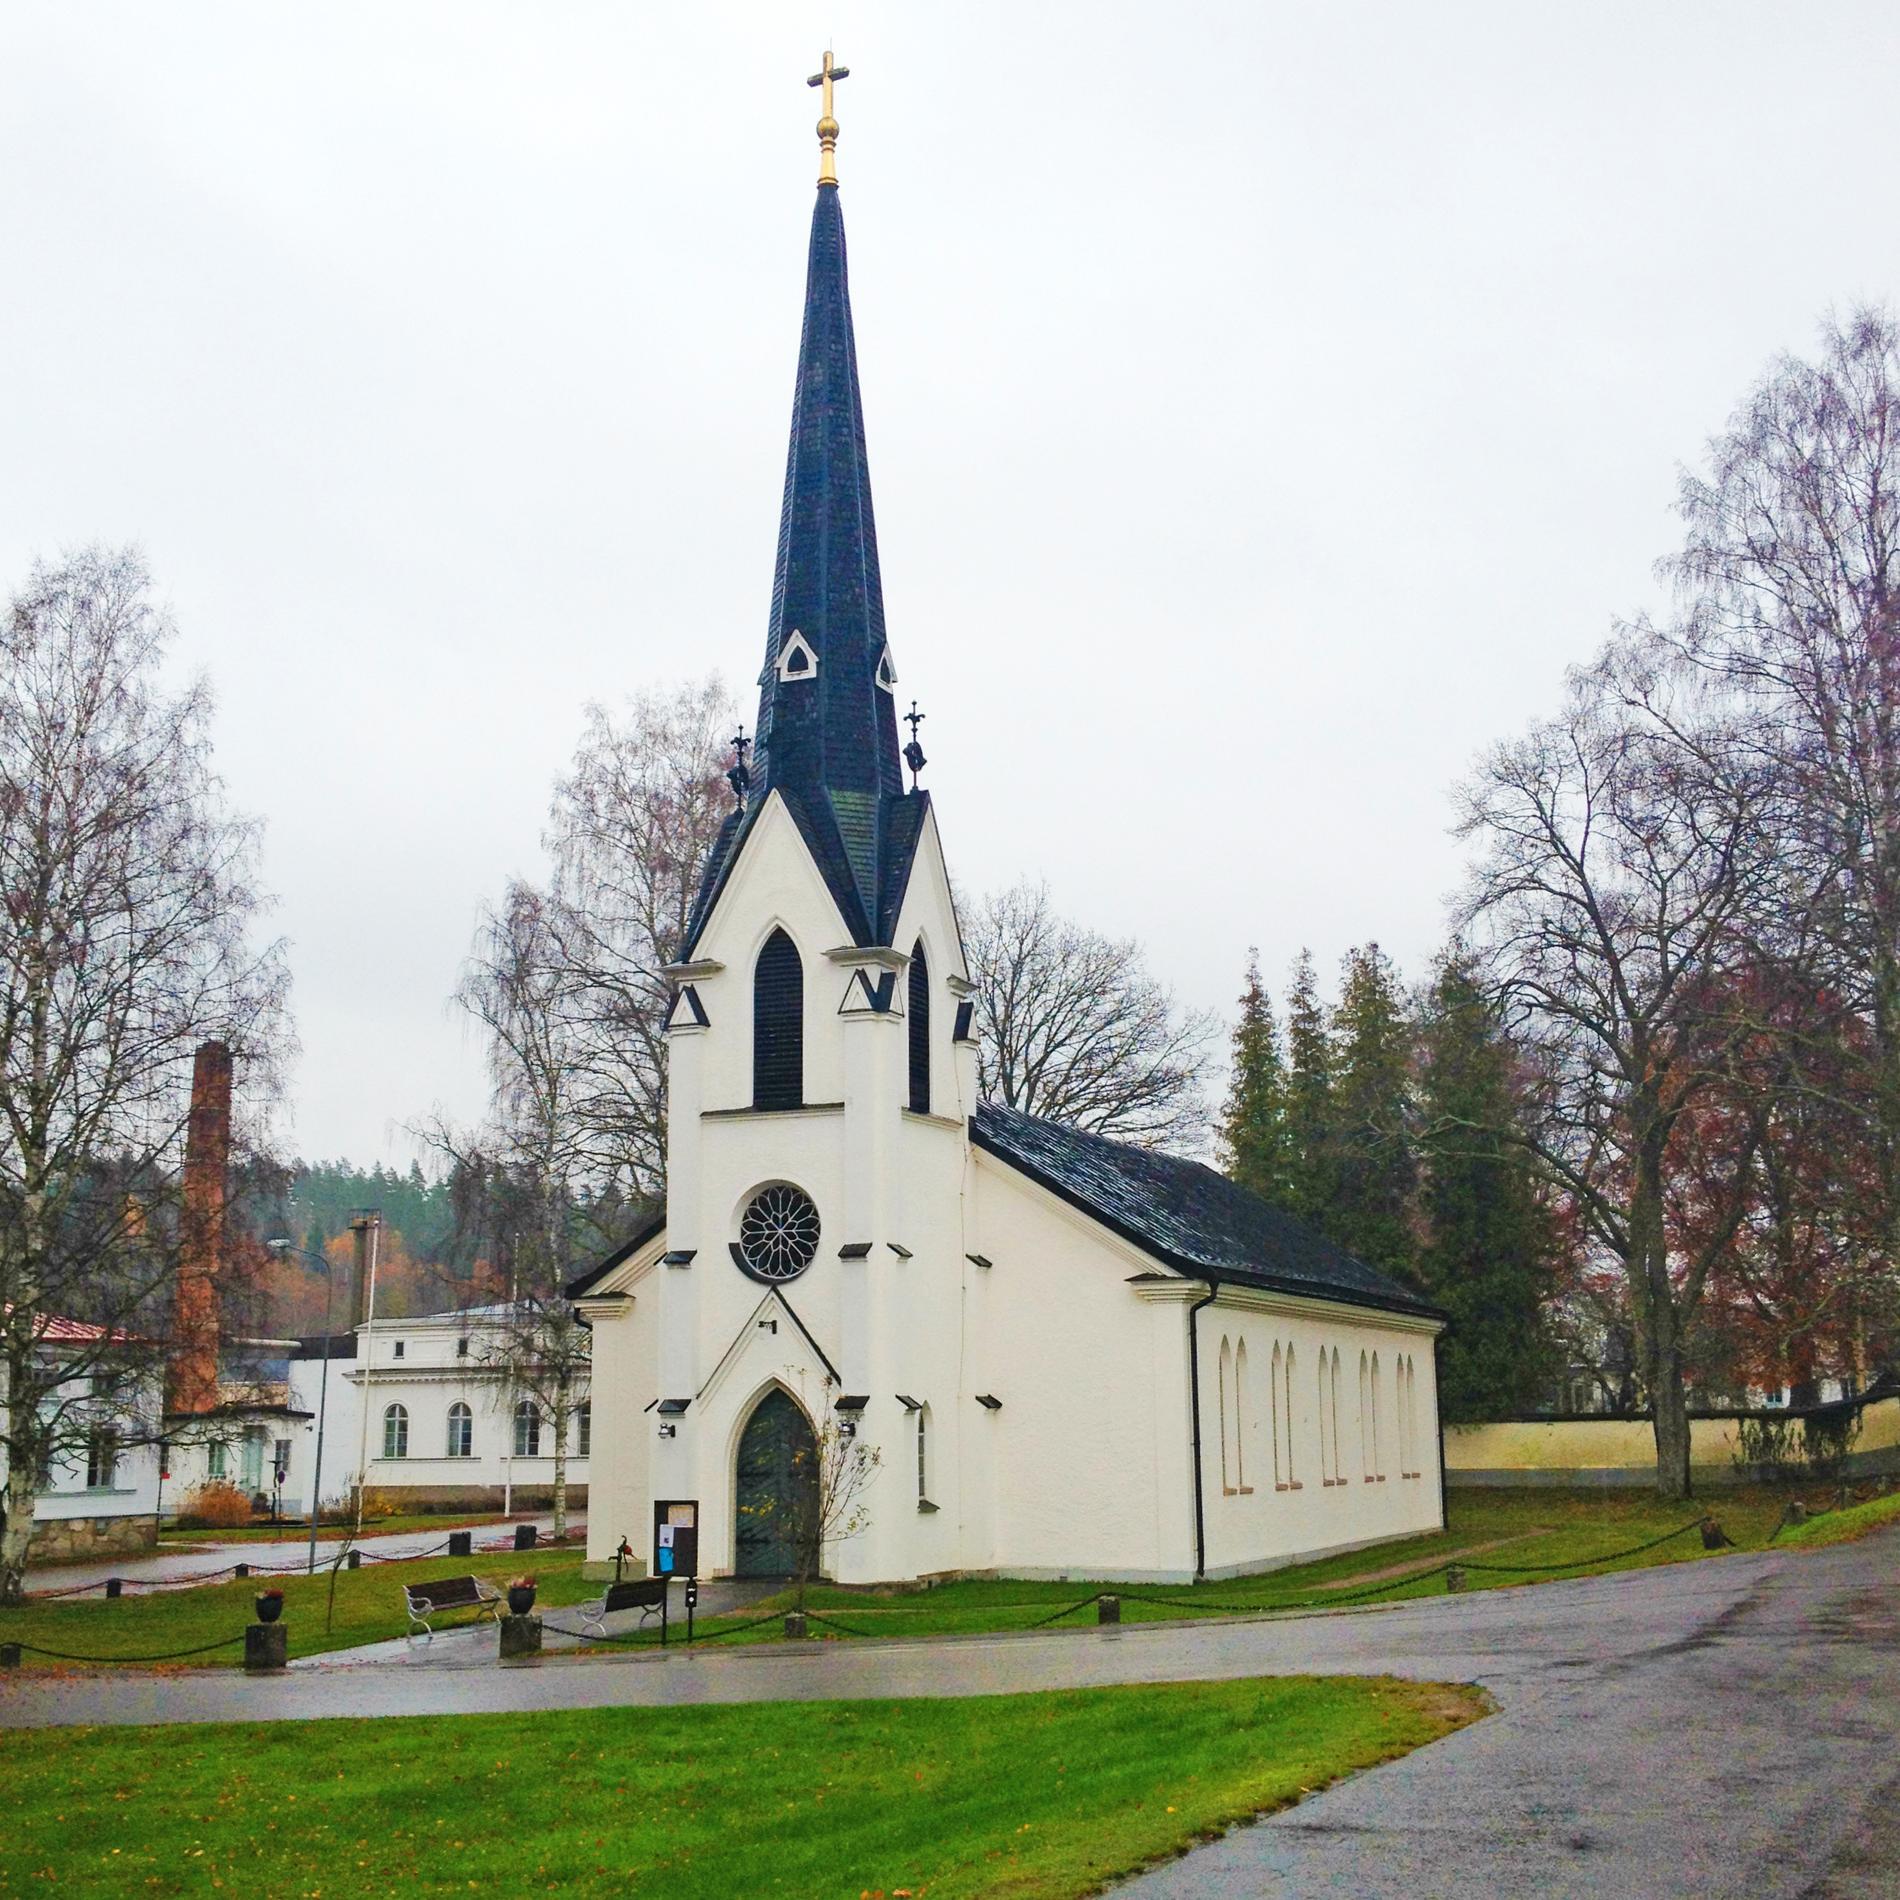 Douglas kommer från Överum i Västerviks kommun. Överums kyrka på bilden.